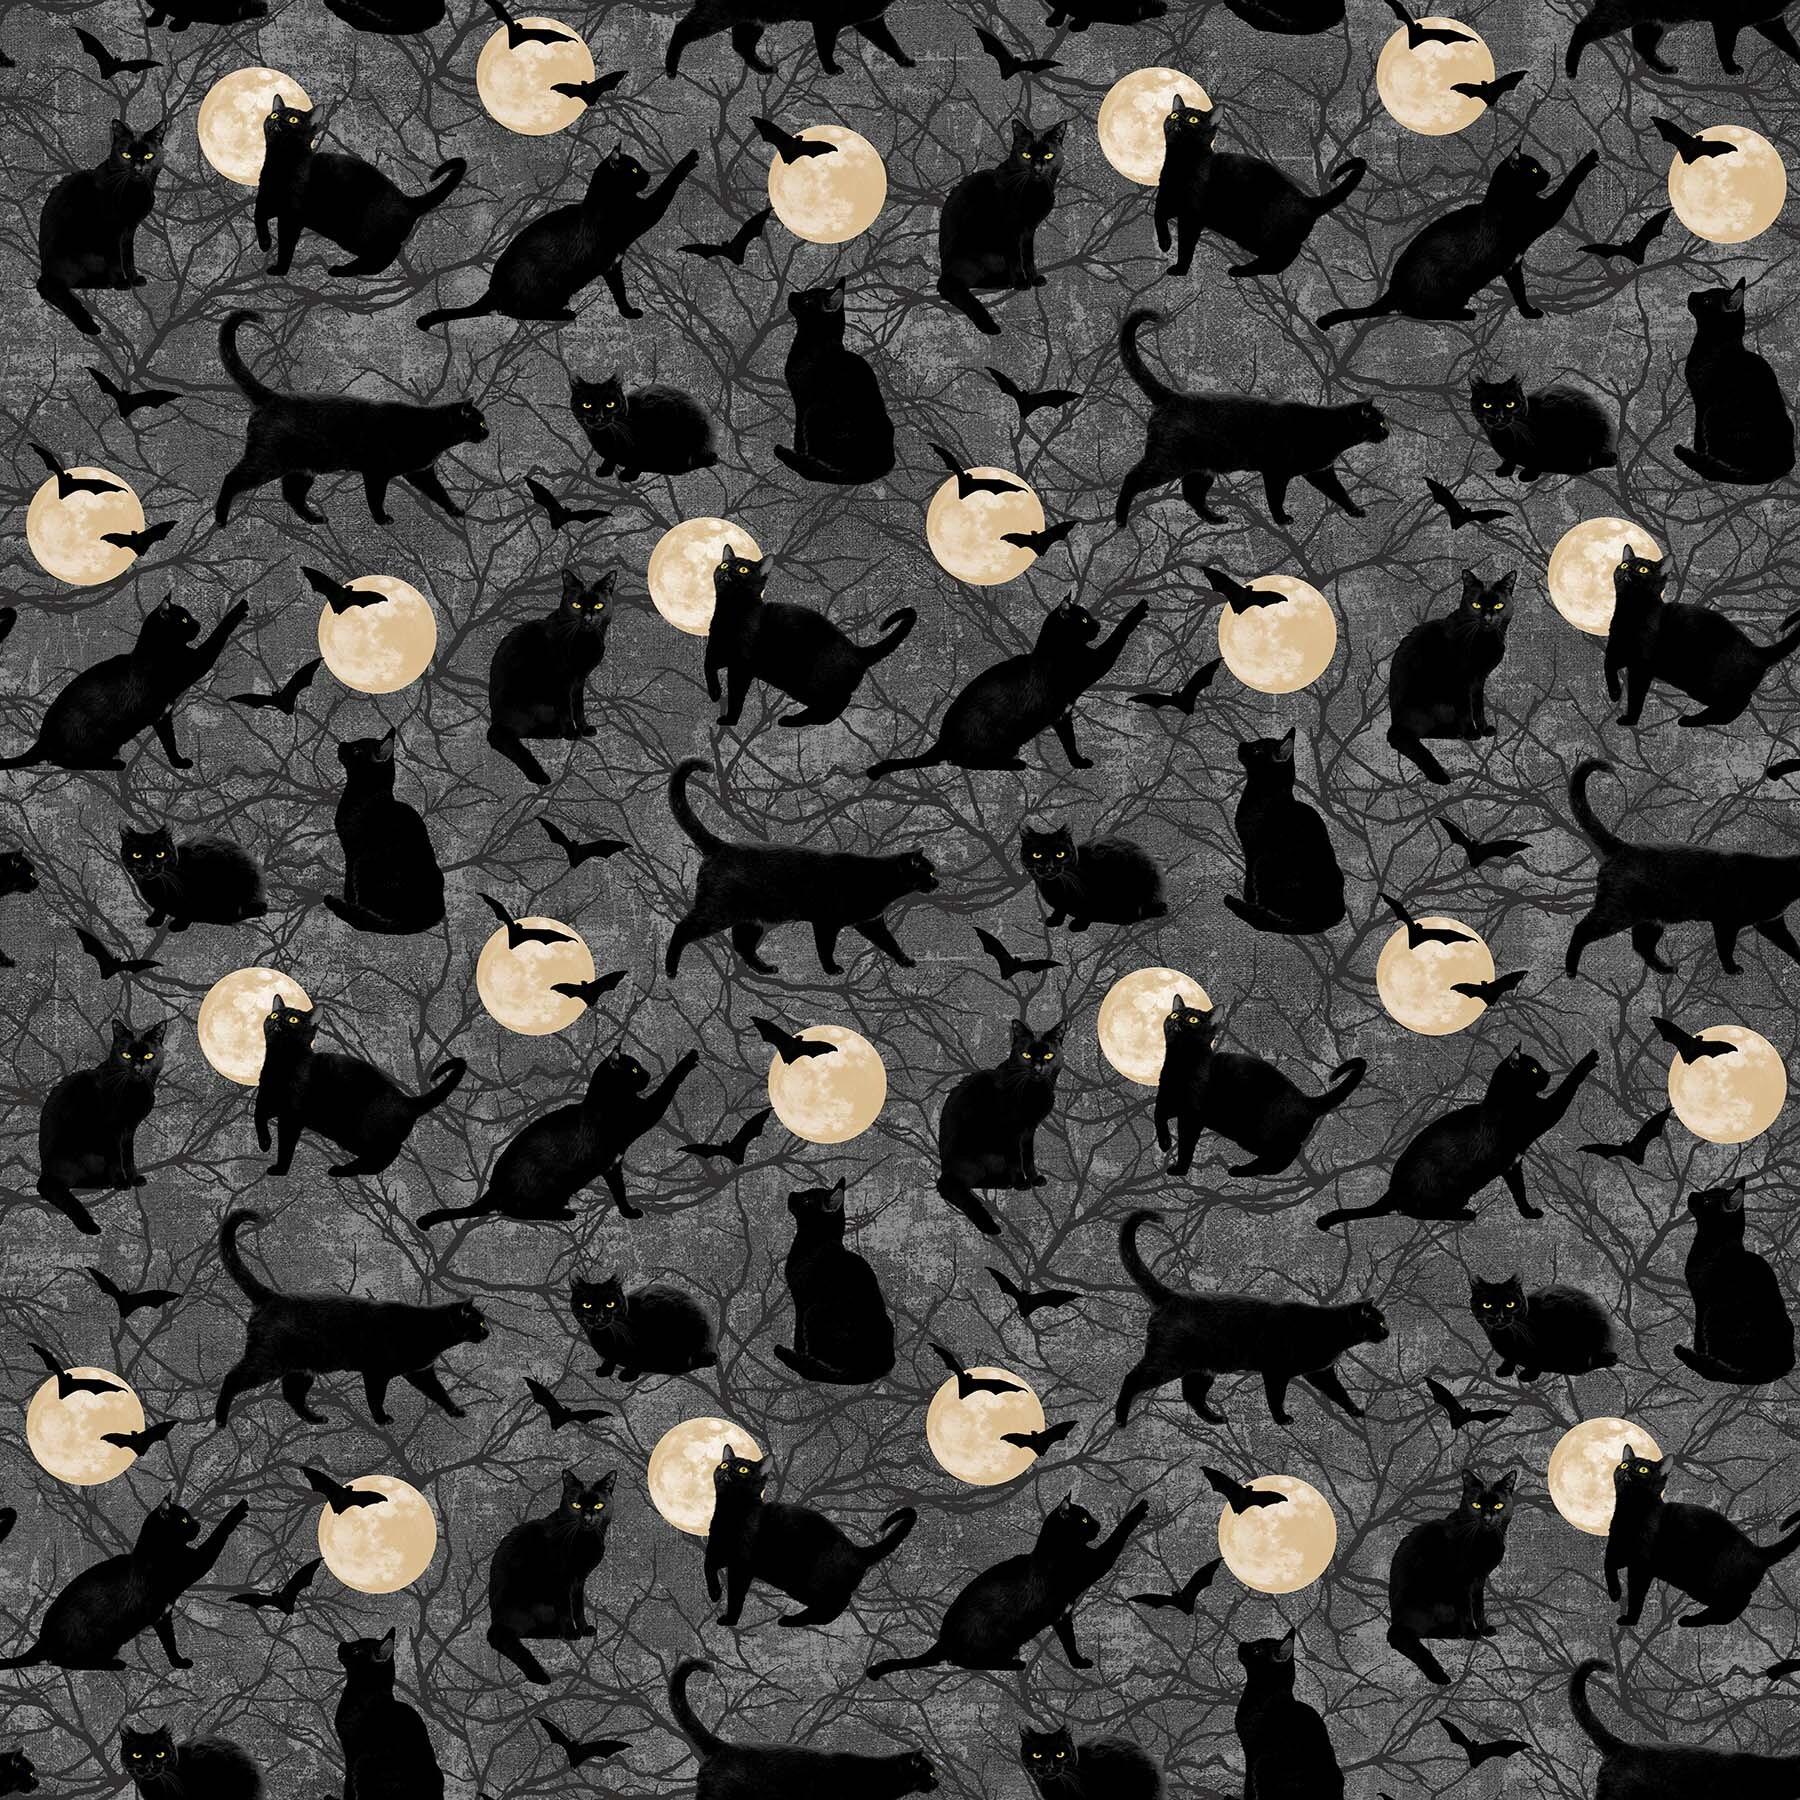 Black Cat Capers - Black Cats and Cream Moons - 1/2m cut 57888